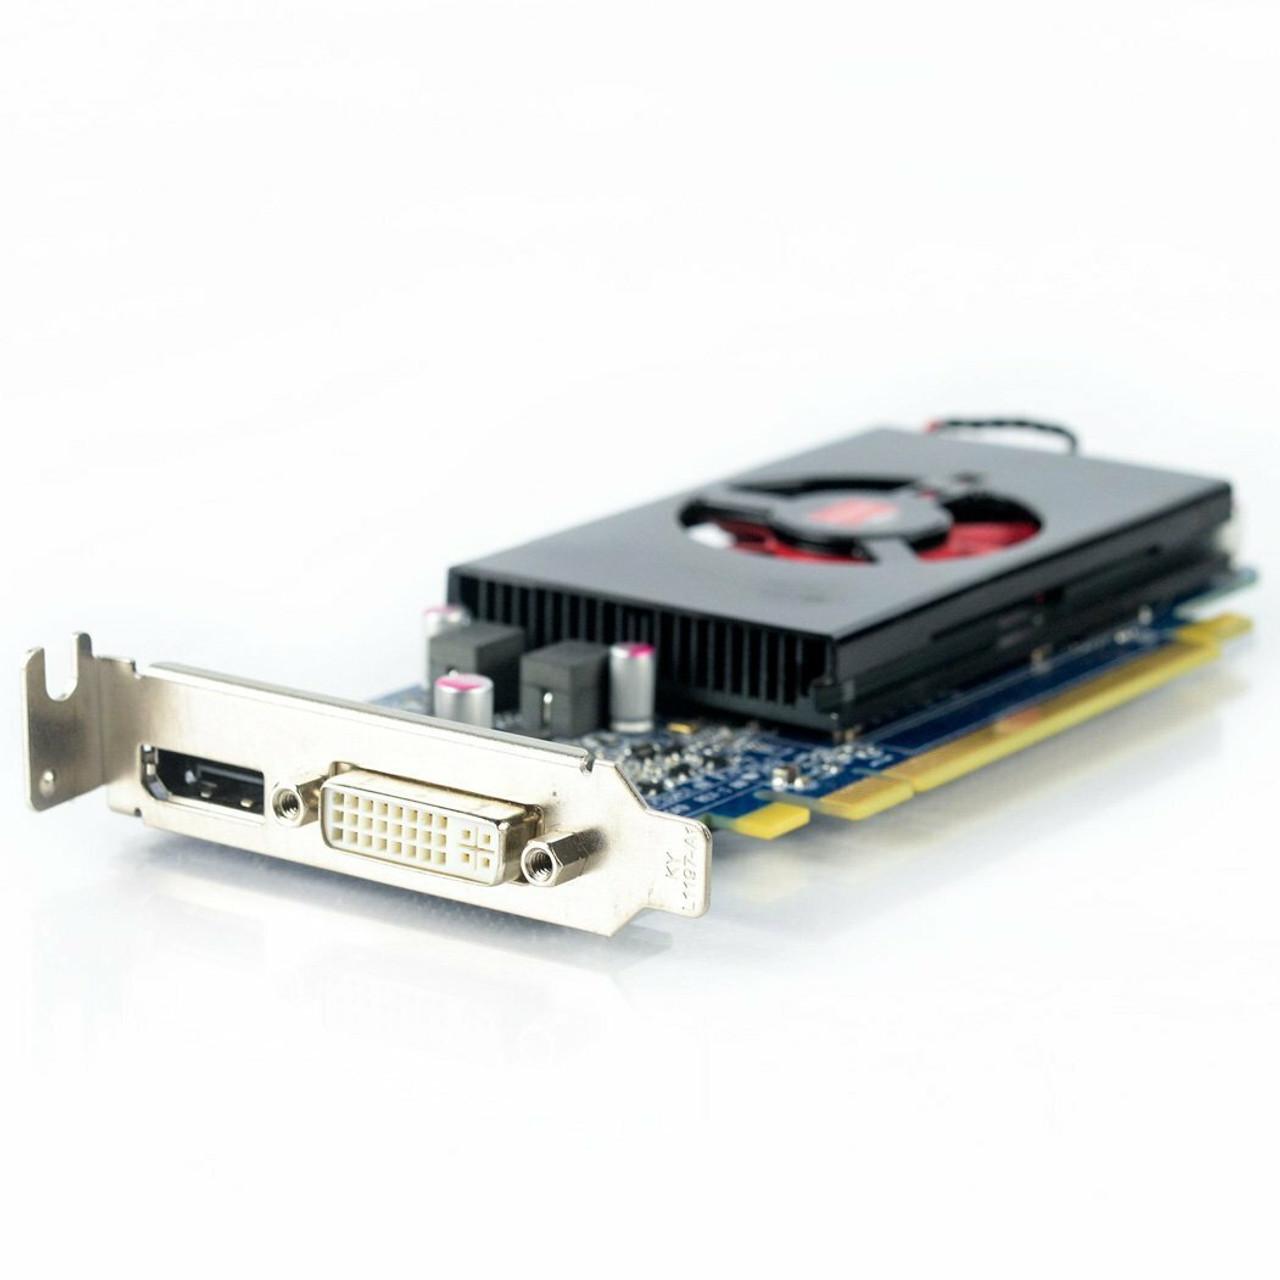 Dell AMD Radeon HD 7570 Low Profile Video Card PCI Express x16 2.0 1GB GDDR5